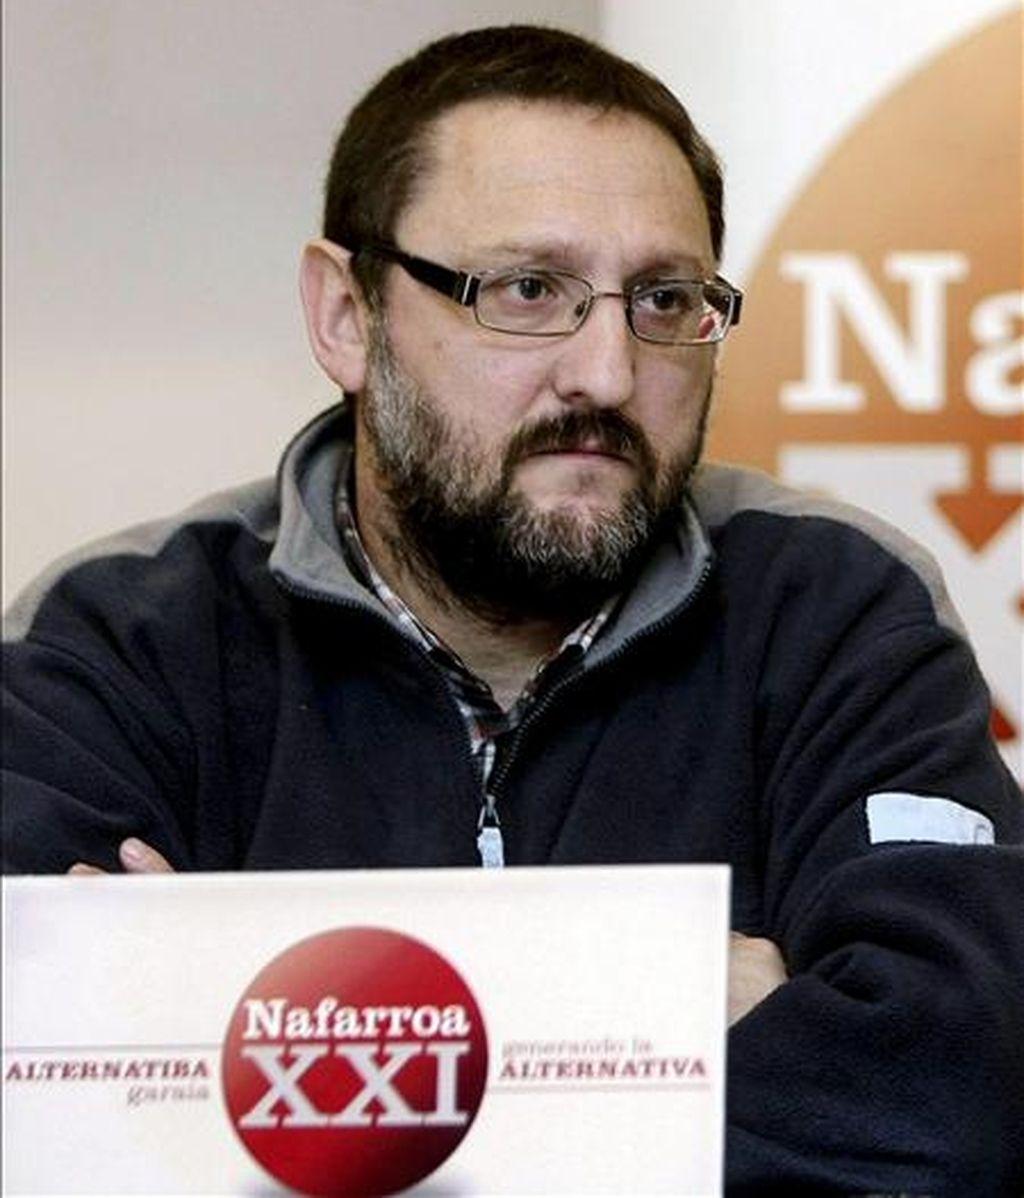 El portavoz de la izquierda abertzale Txelui Moreno. EFE/Archivo